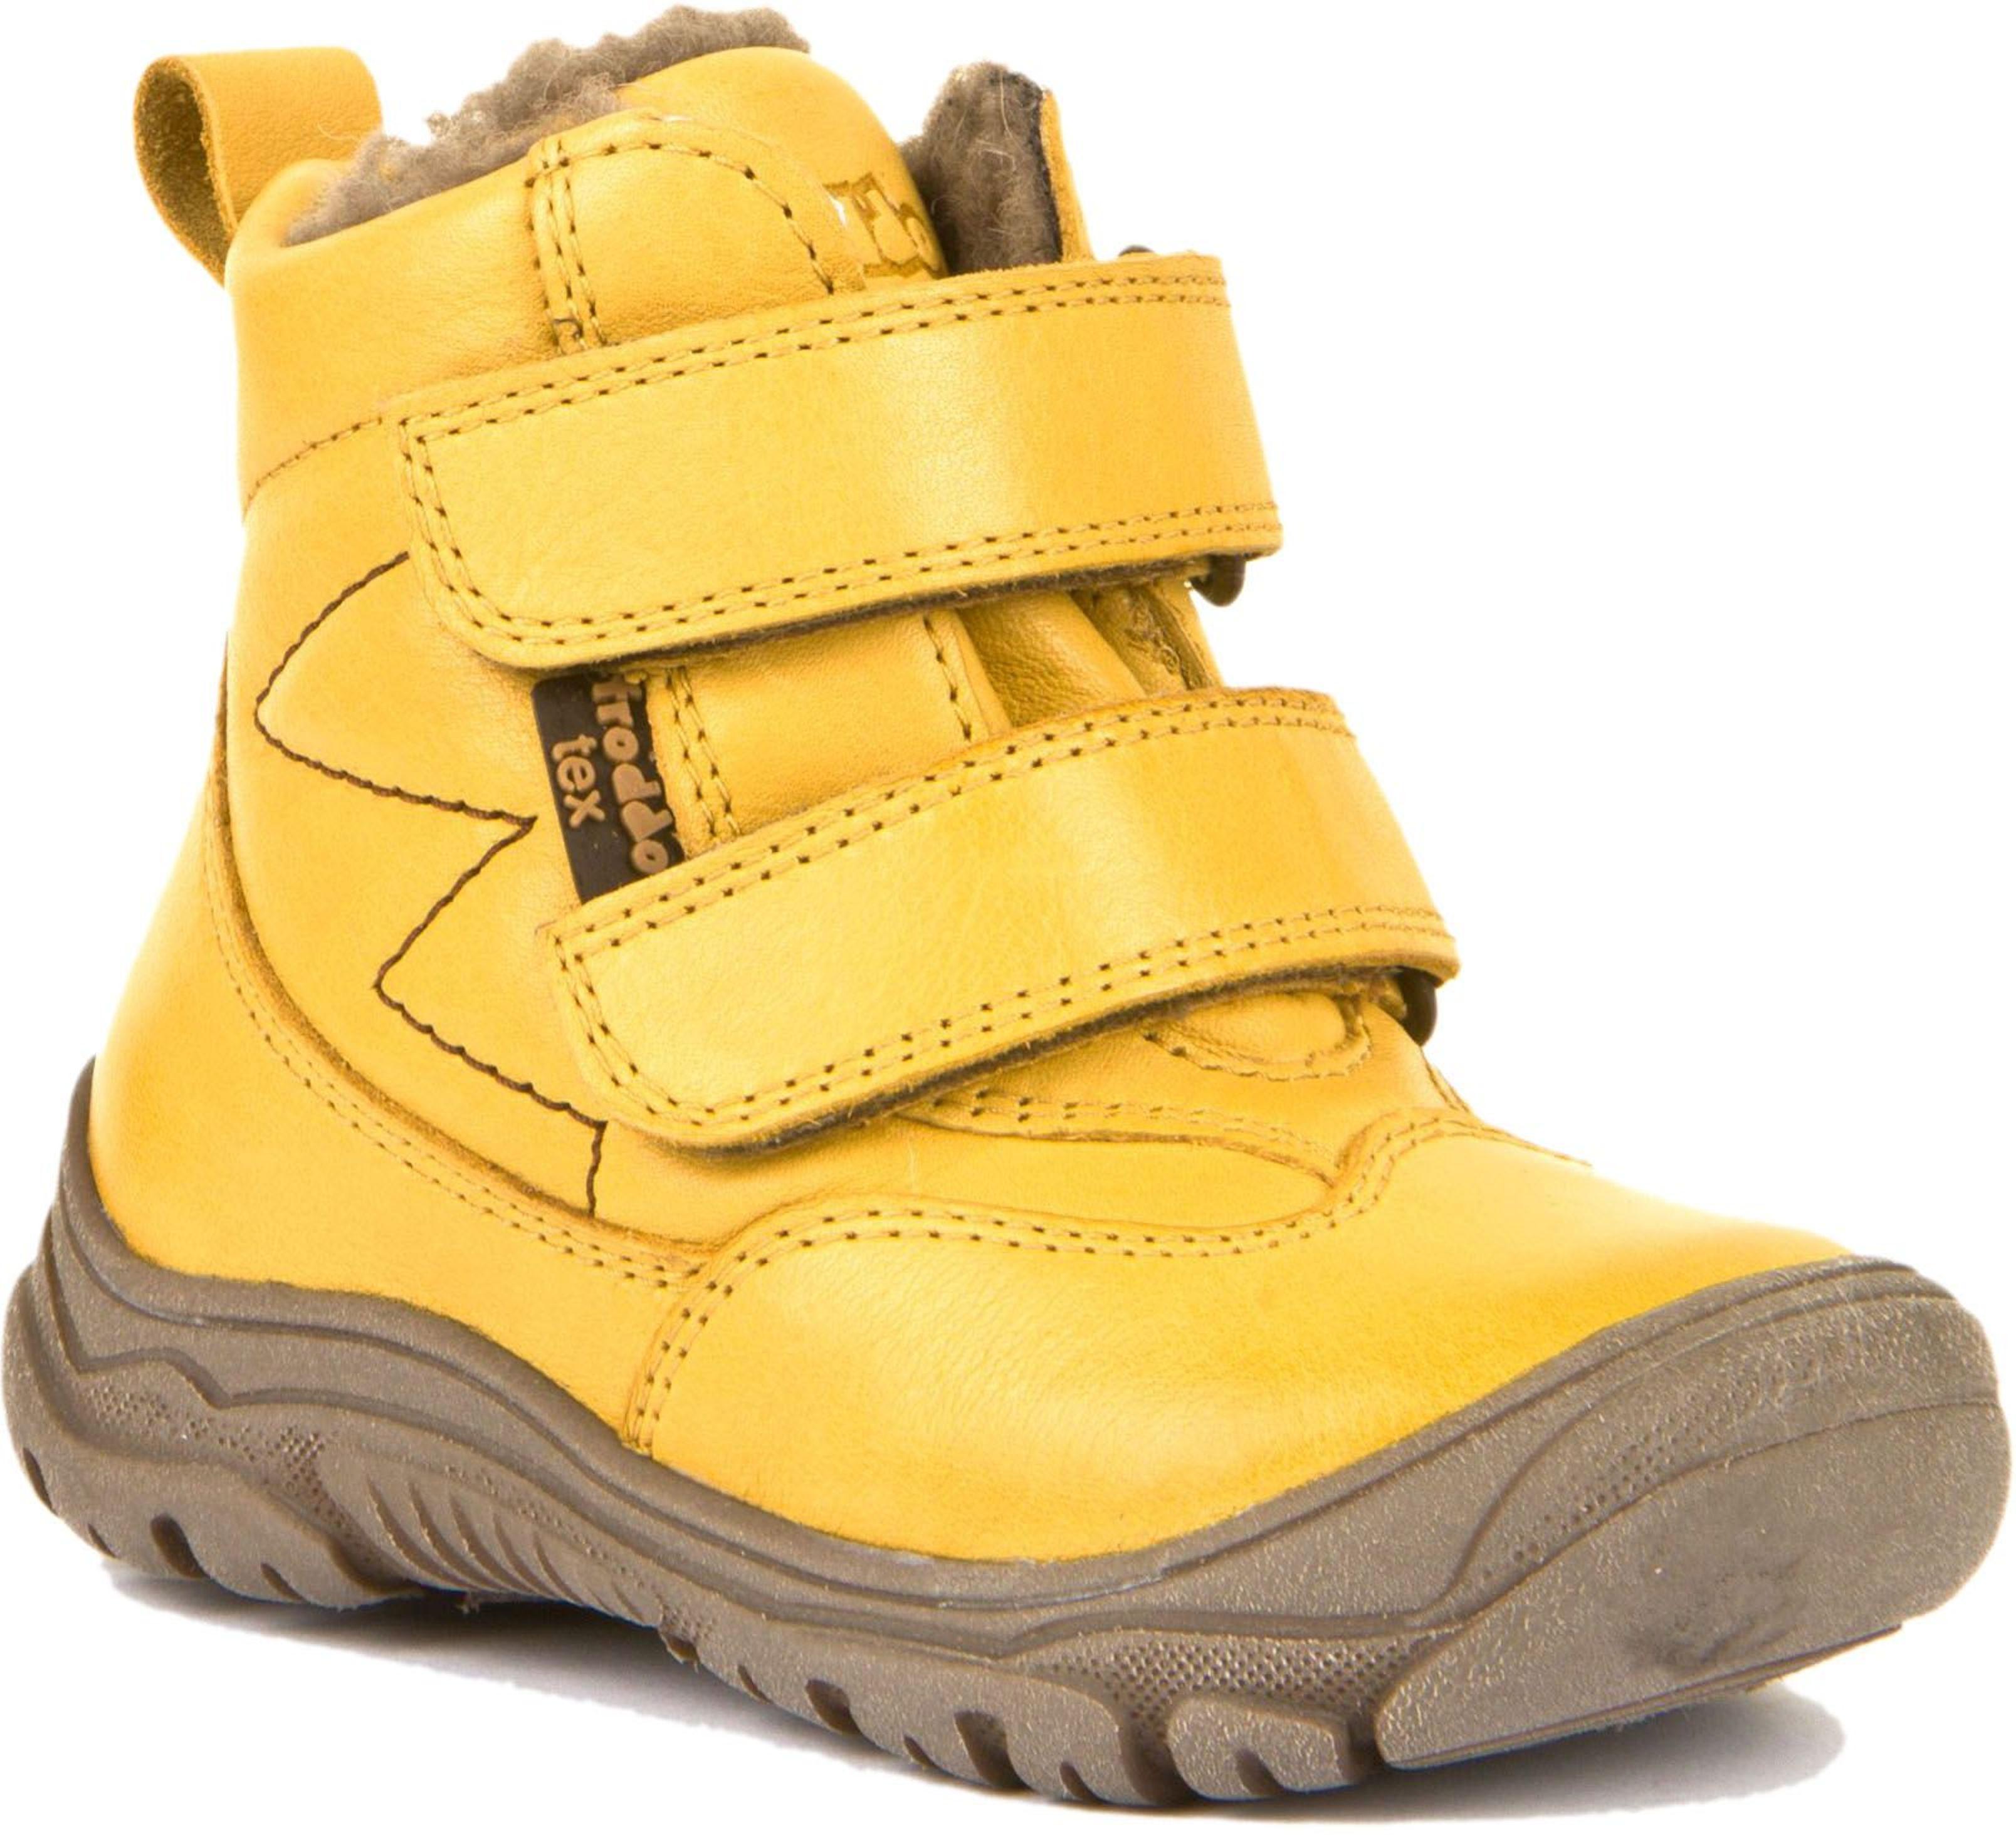 Froddo Baby Tex Winterboot L Gelb